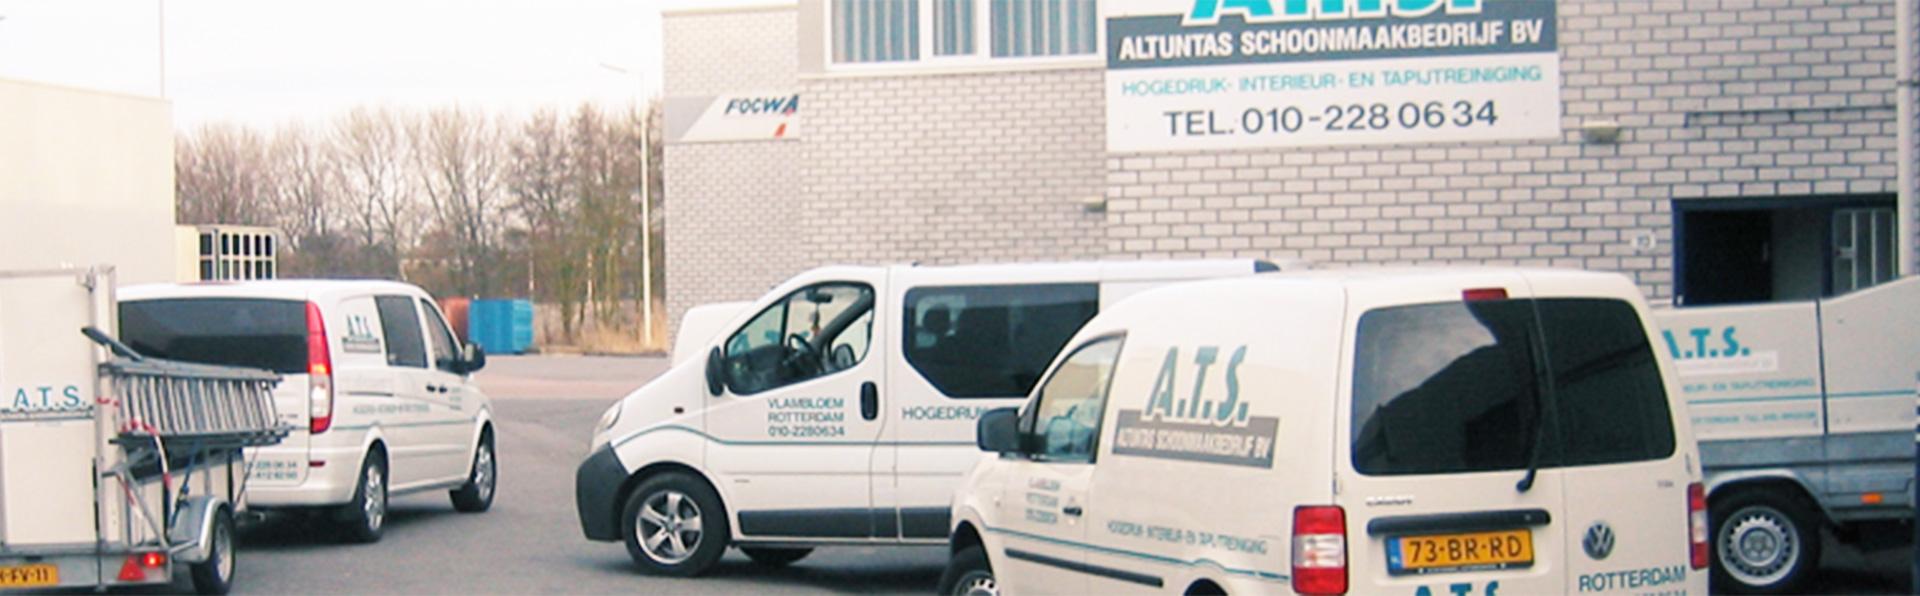 Schoonmaakbedrijf-Spijkenisse-ATS-header